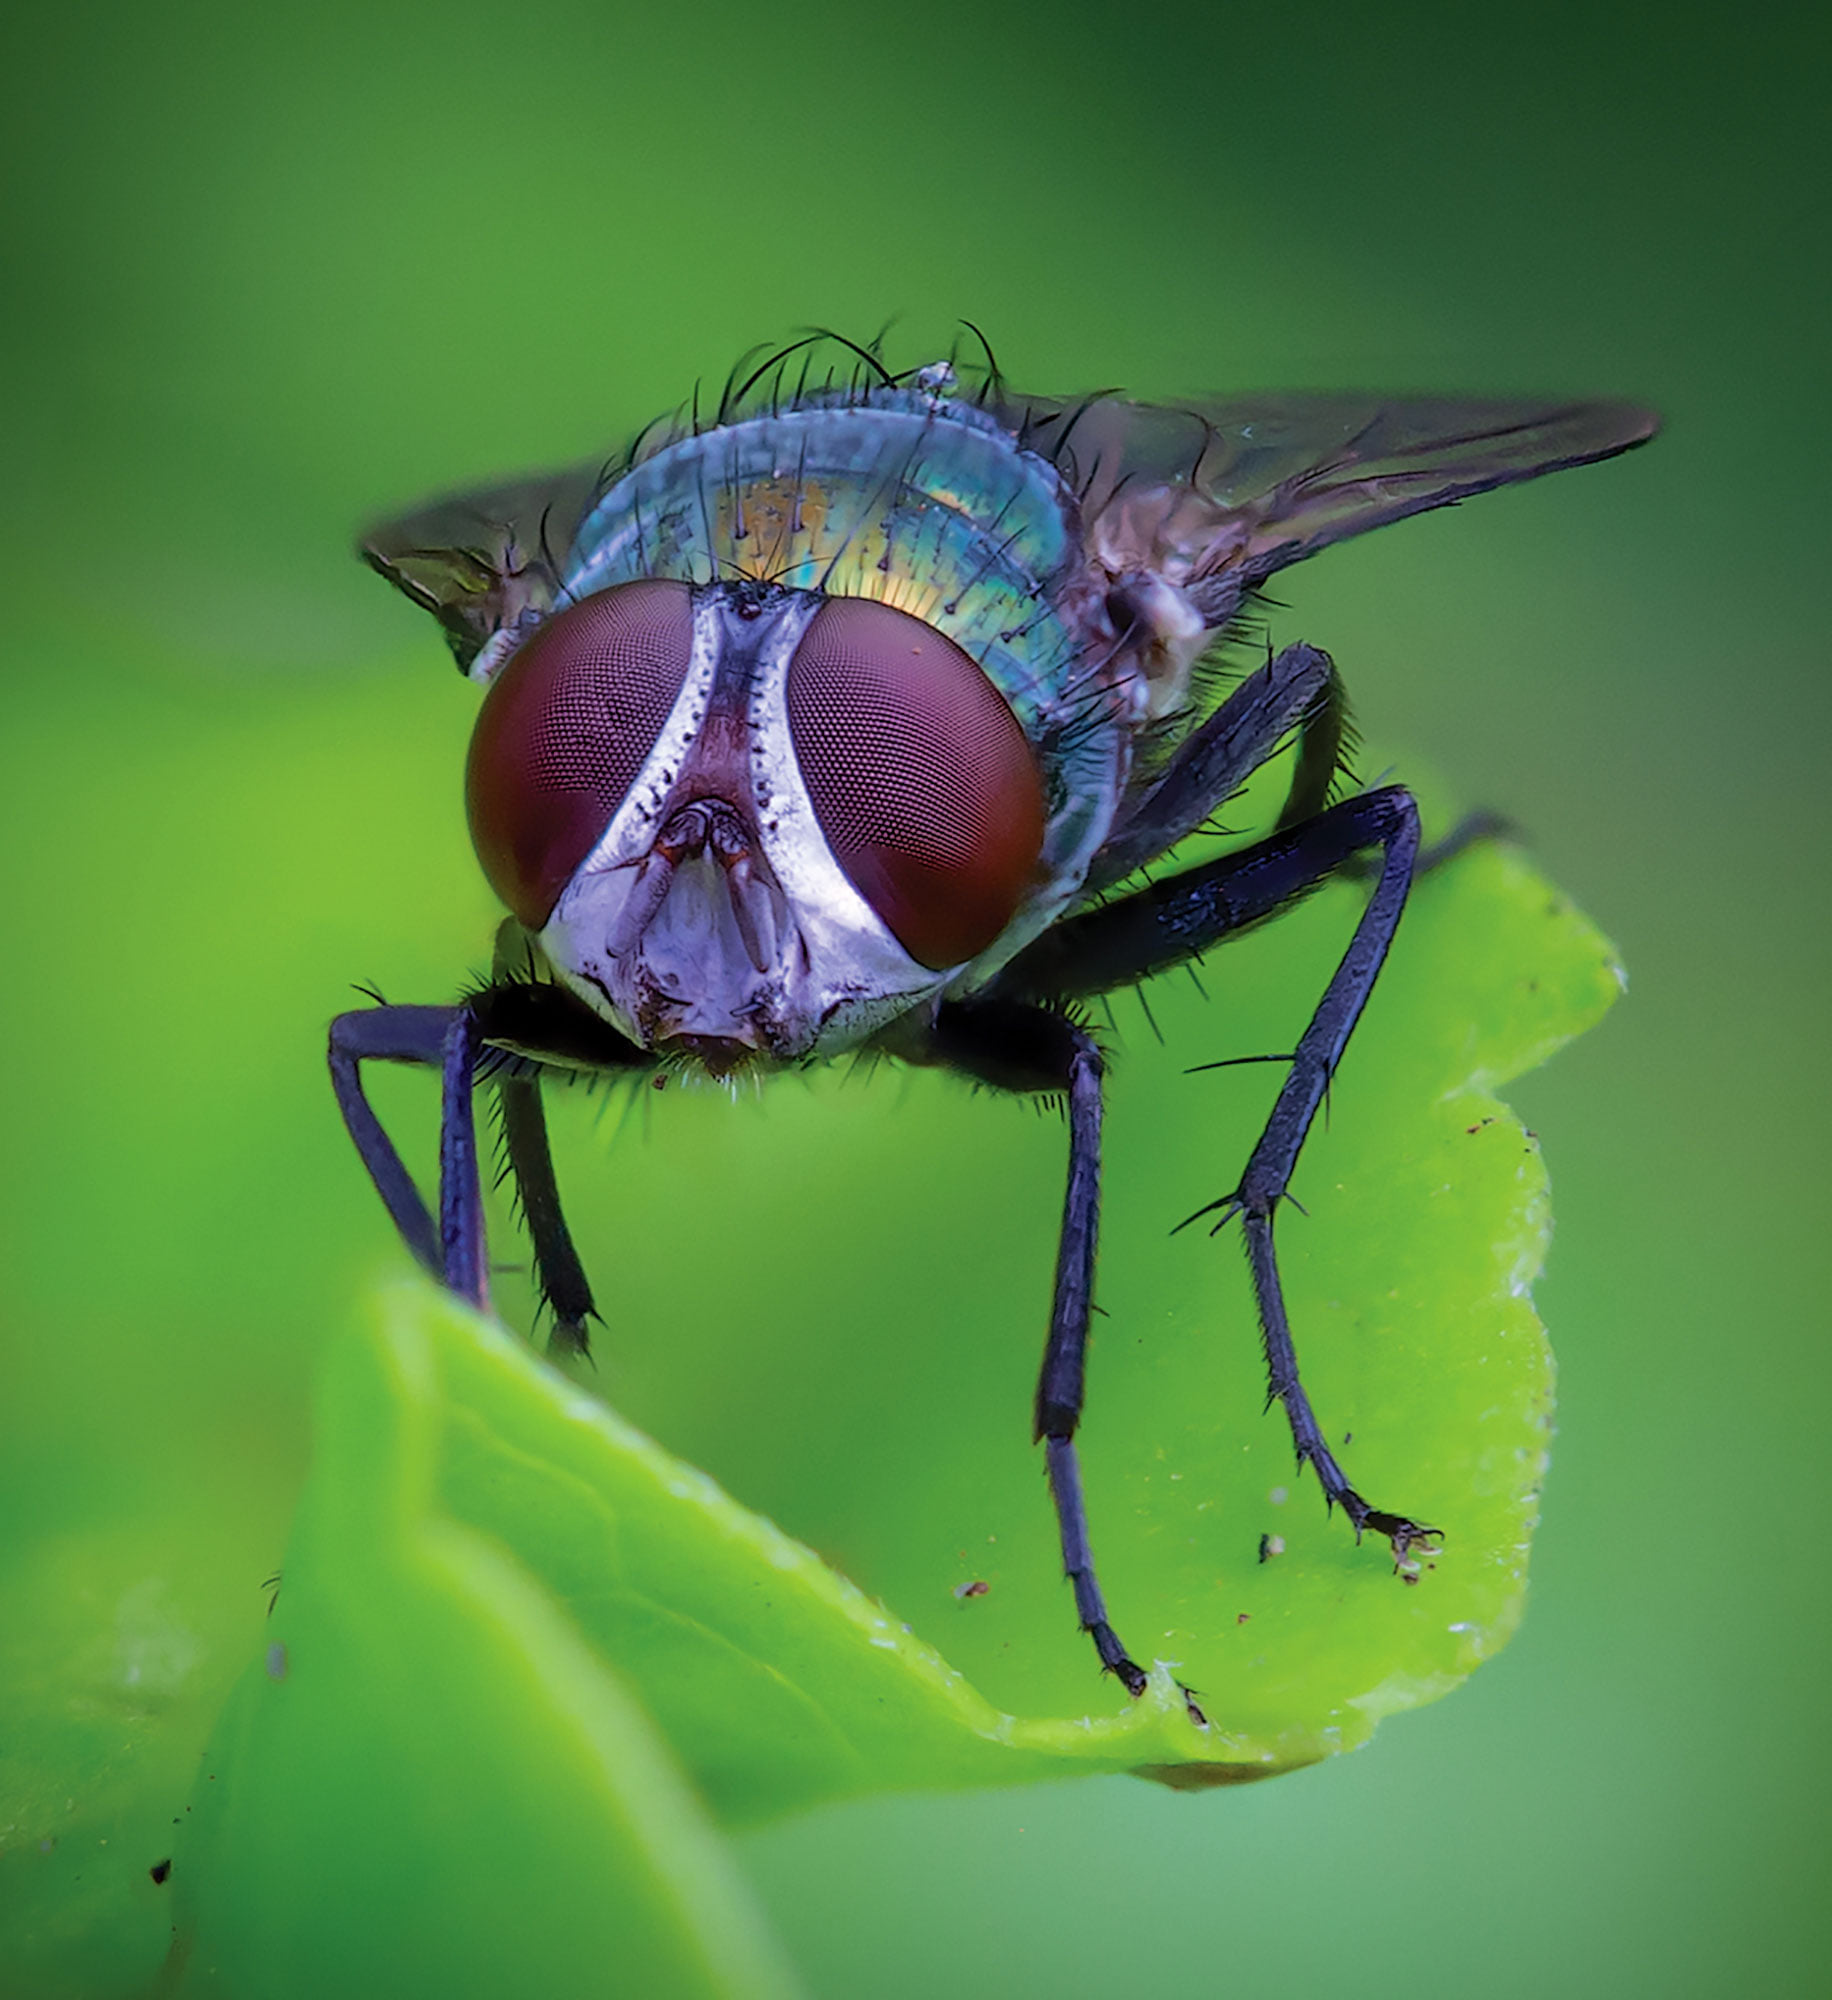 Hein Waschefort- green fly